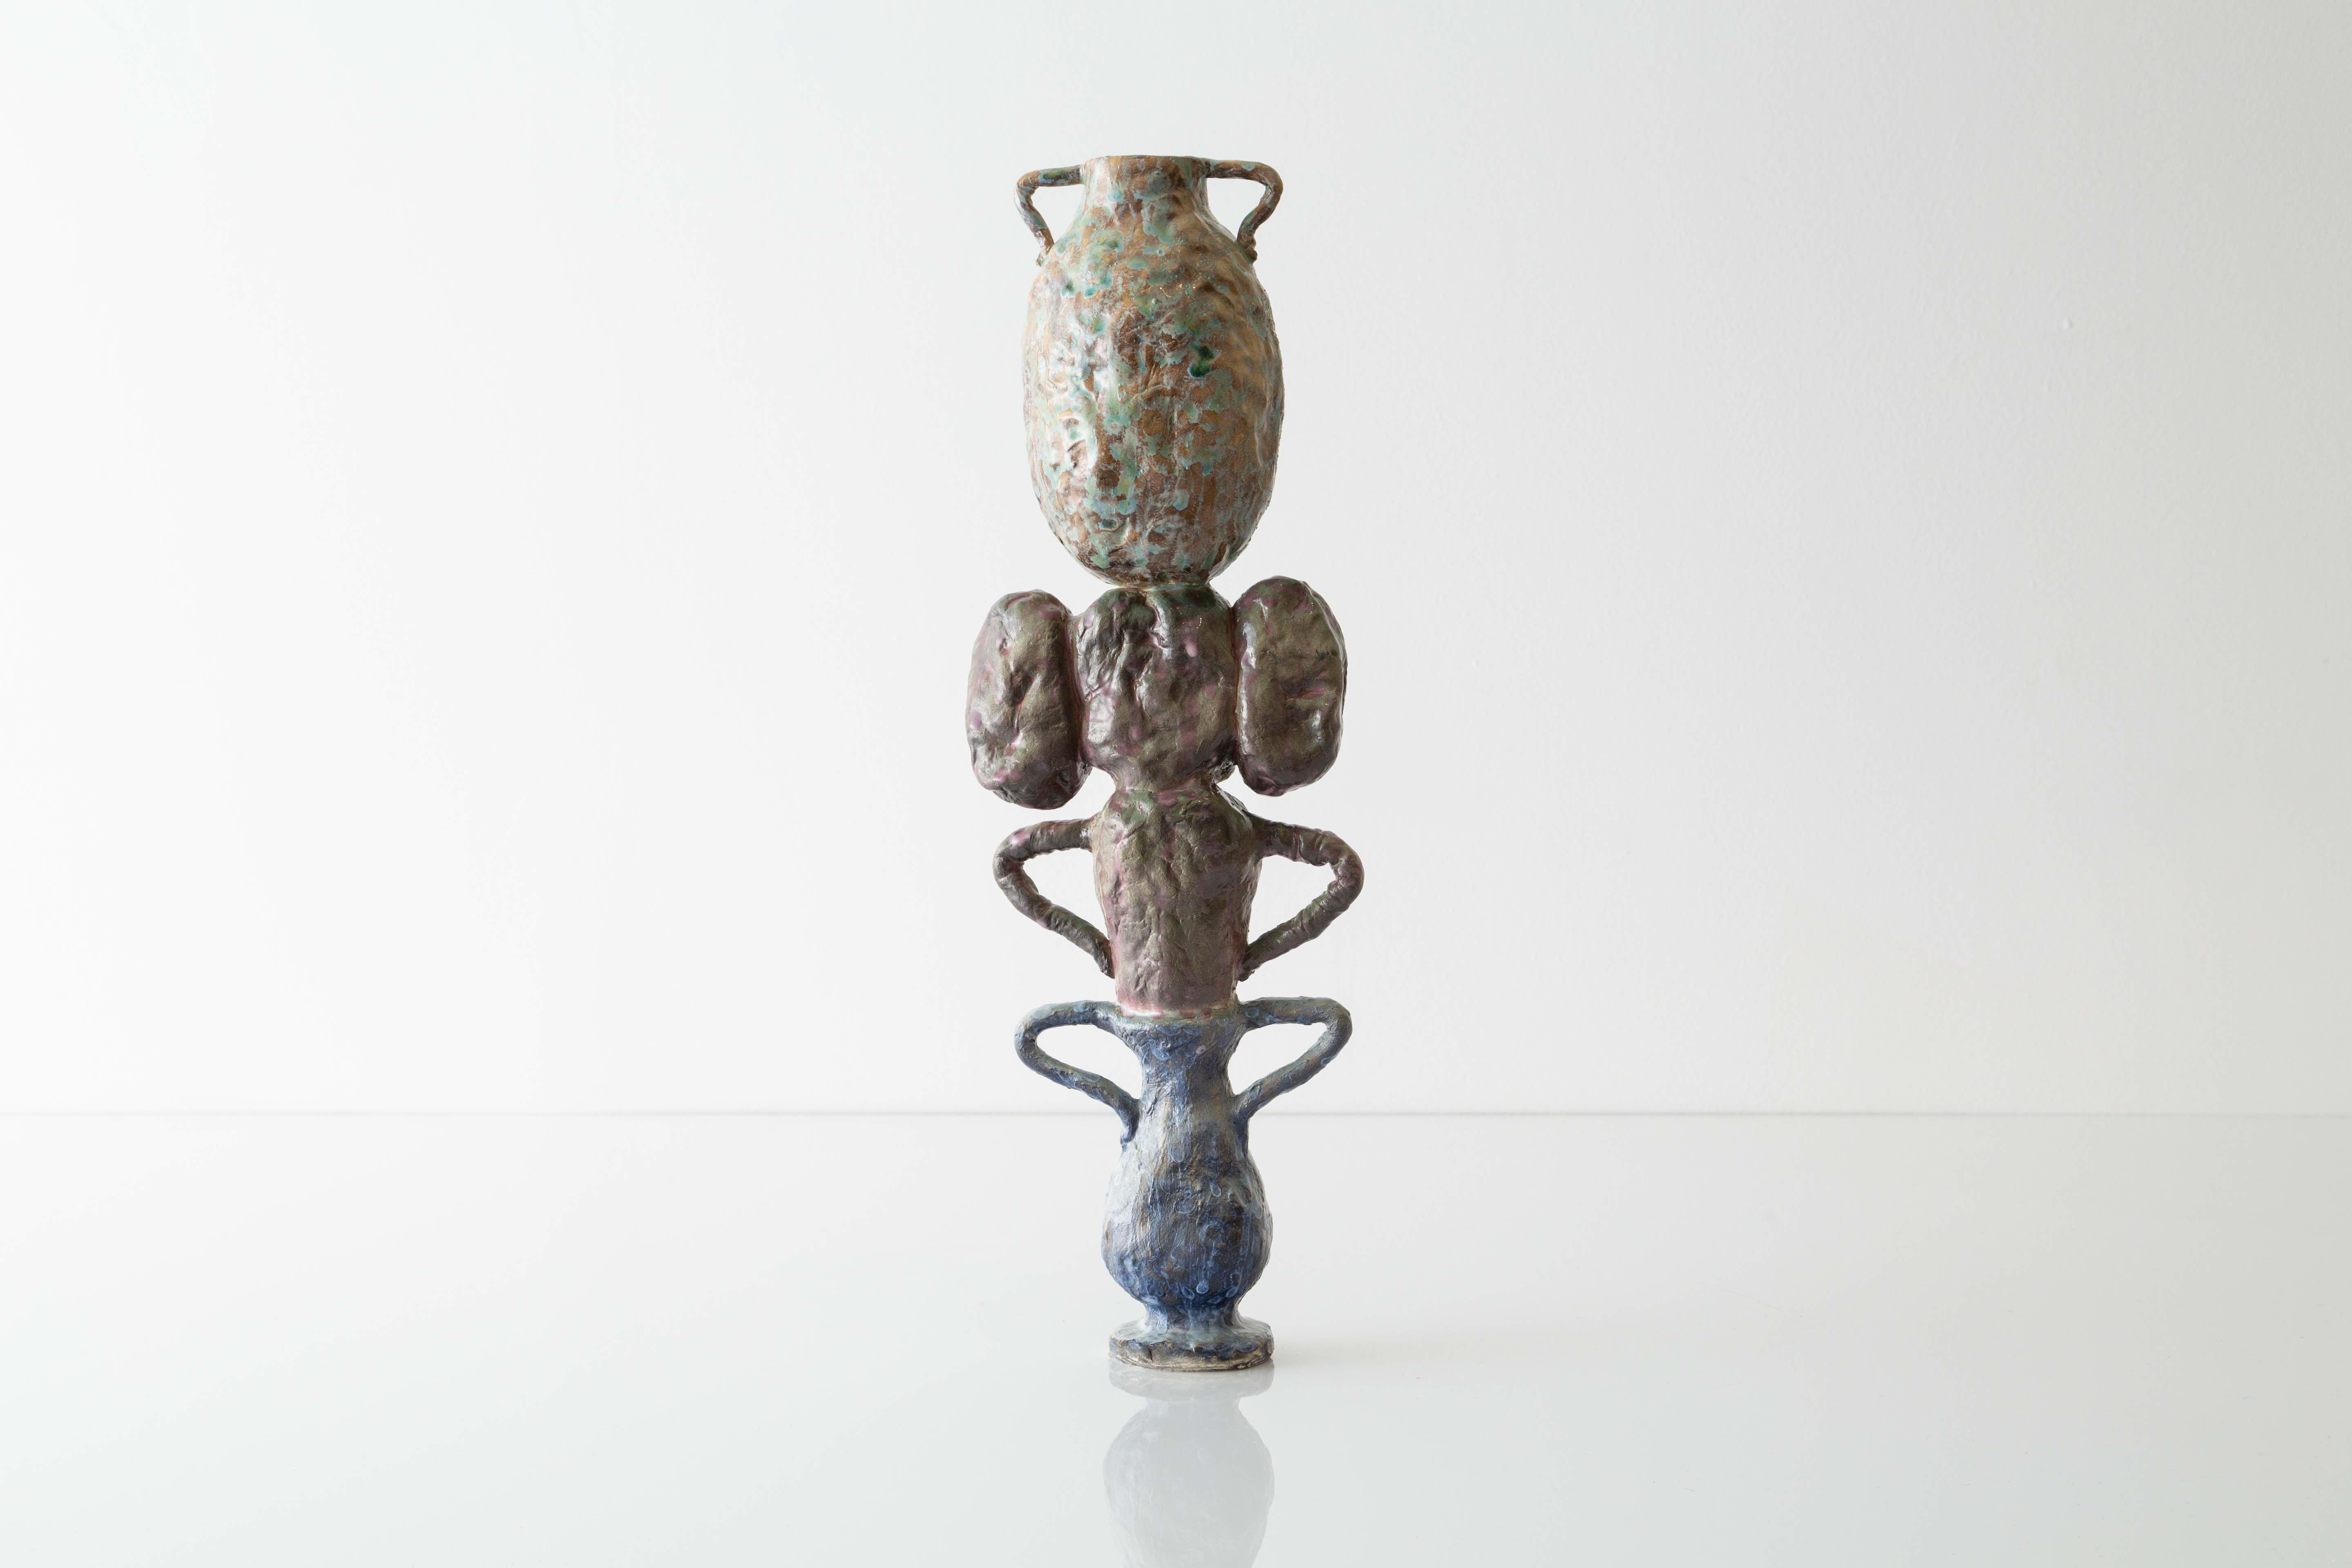 Poodle Amphora #5